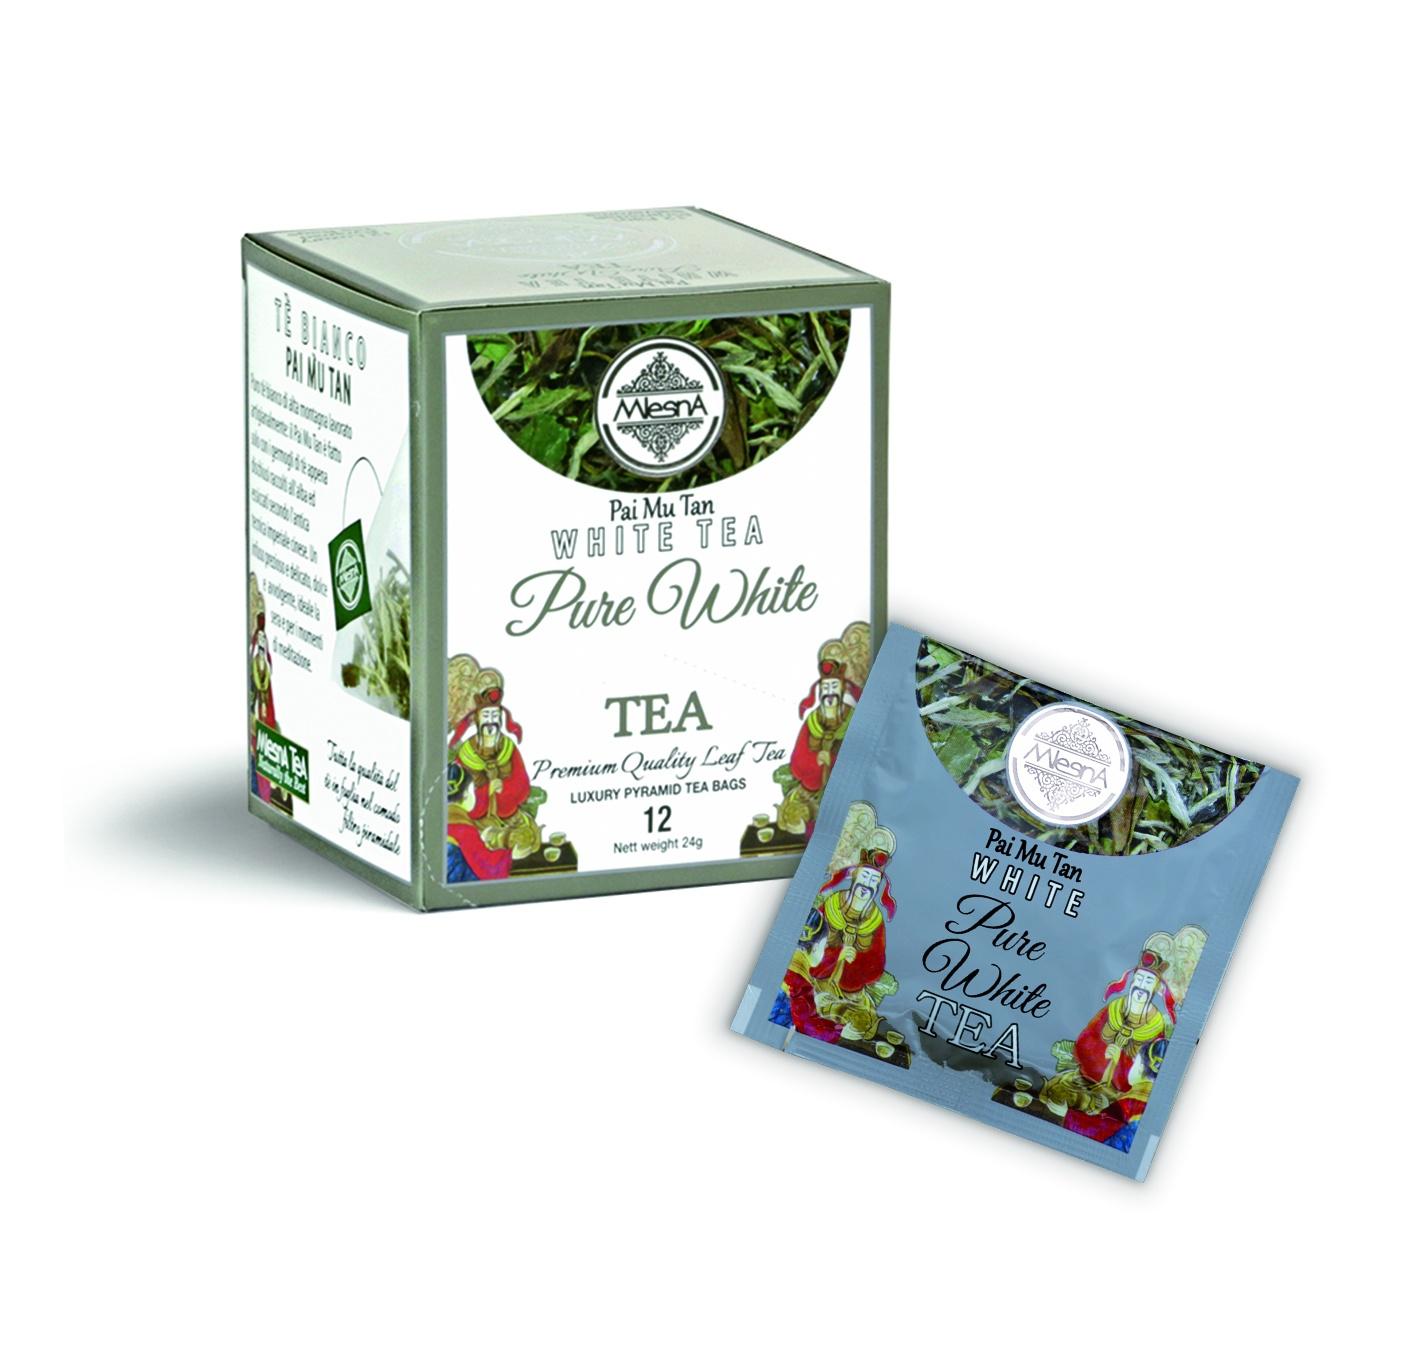 Čaje Mlesna SILVER TIP - BÍLÝ ĆAJ - pyramida - PAI MU TAN 12ks MLESNA (Ceylon) Ltd. pravý čaj z Cejlonu